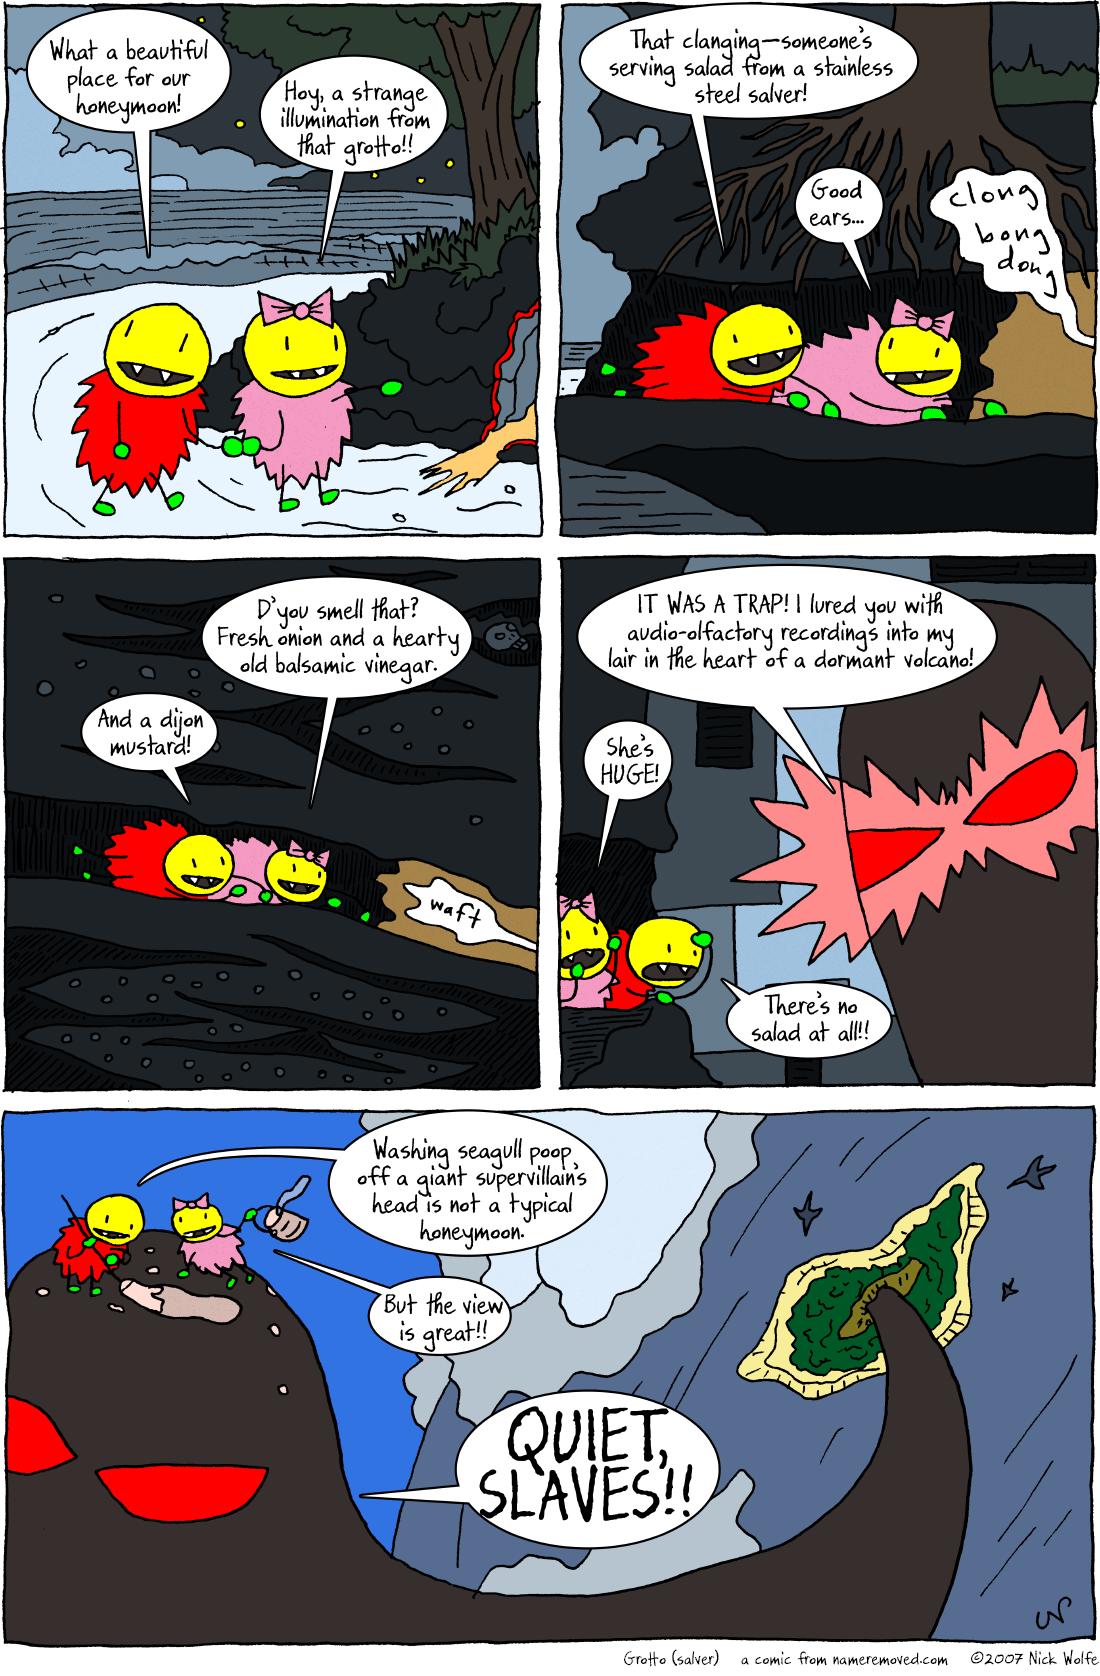 Grotto (salver)